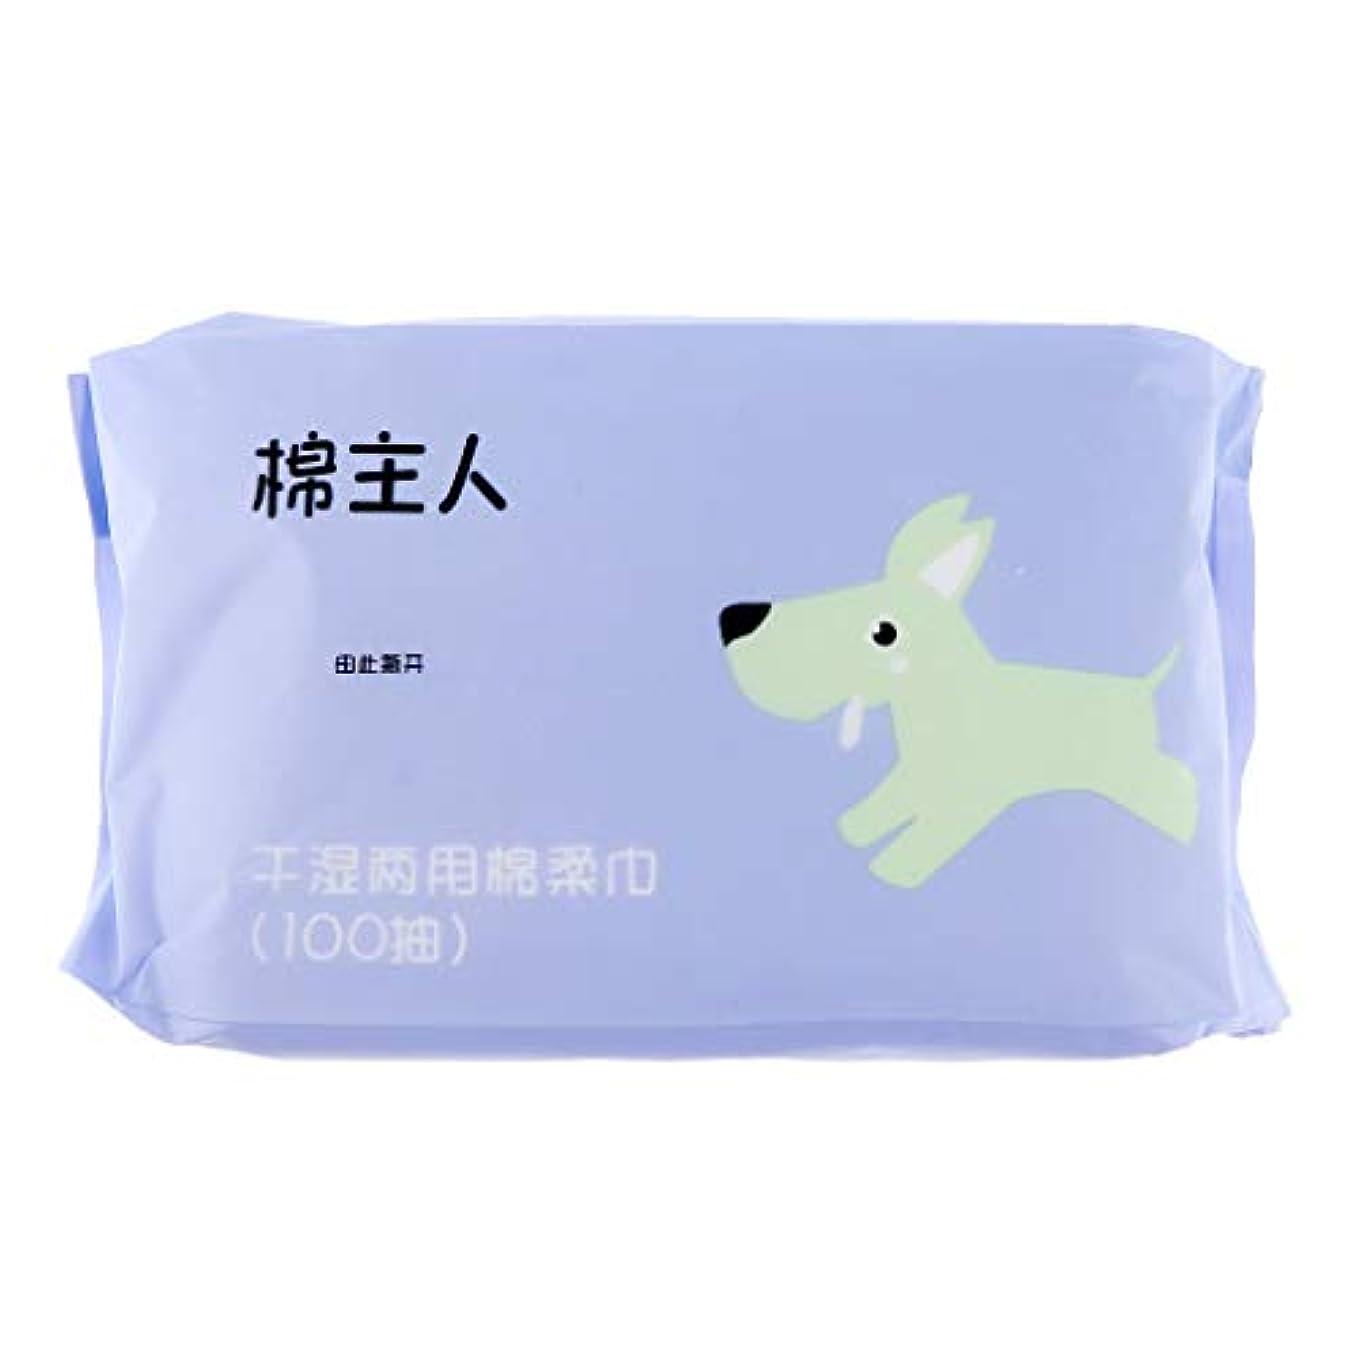 食い違いやさしく特徴づけるクレンジングシート メイク落とし 軽量 便利 敏感肌用 非刺激 不織布 フェイスタオル 約100枚 - 青紫